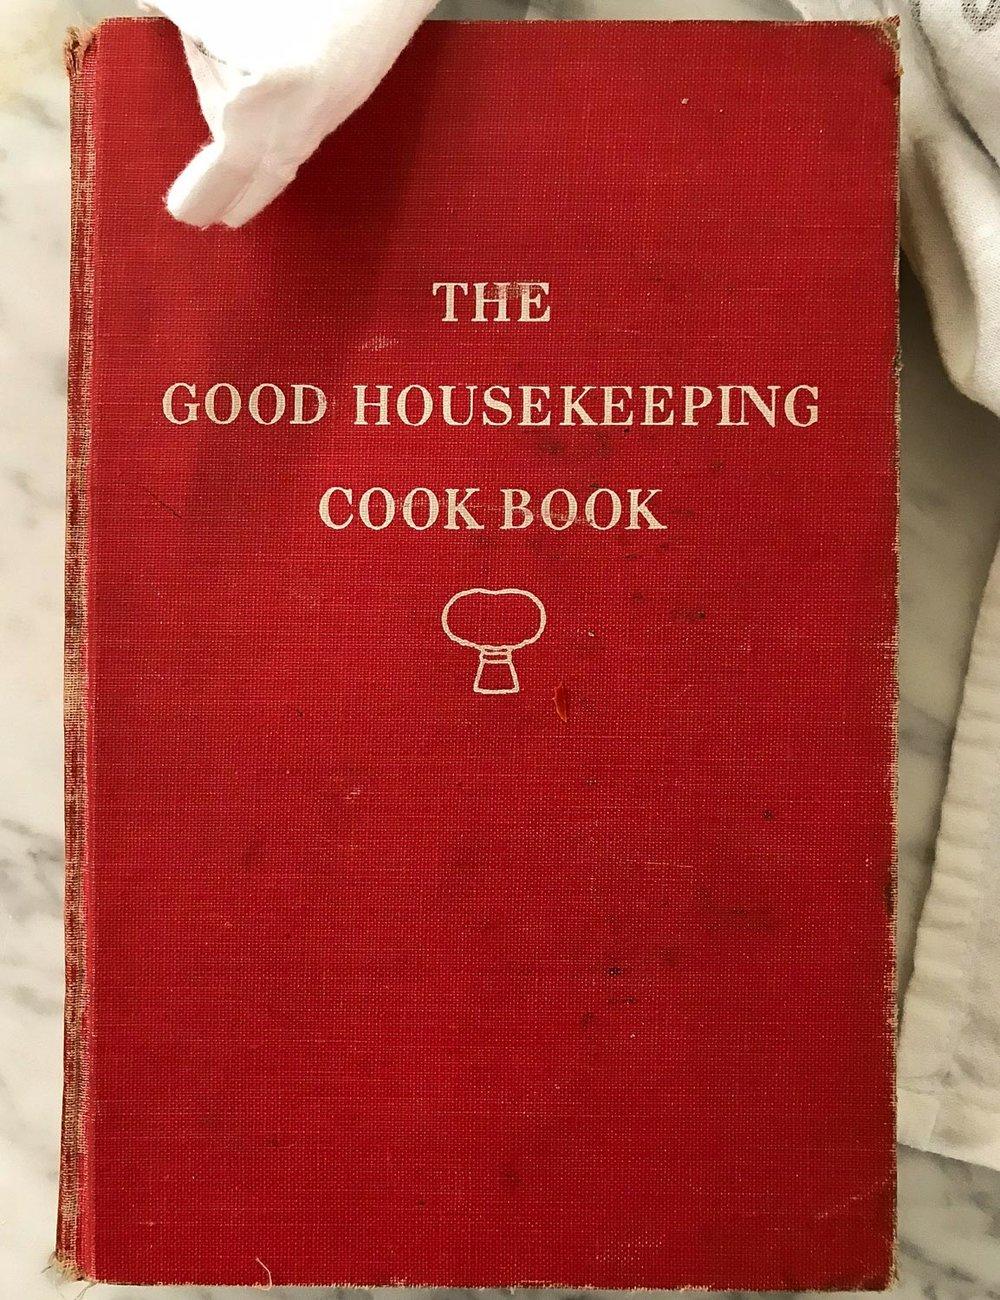 Vintage Good Housekeeping Cookbook